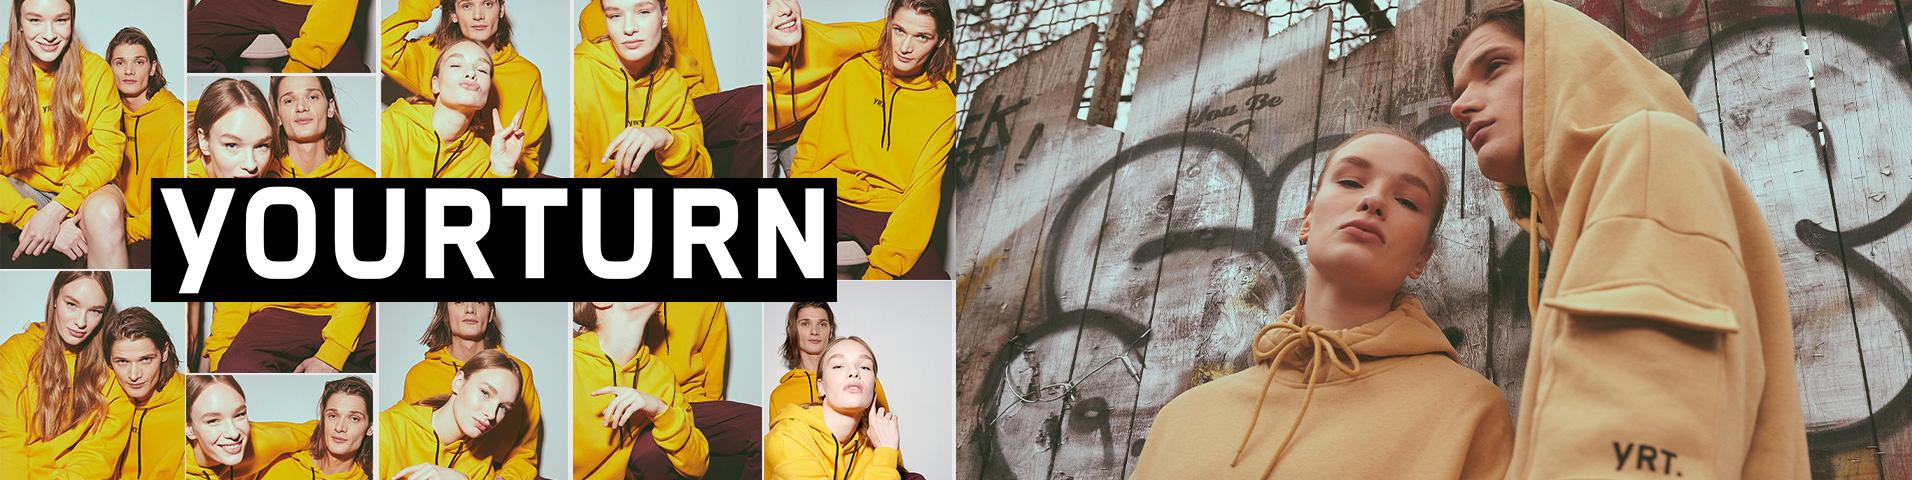 YOURTURN | La nuova collezione online su Zalando